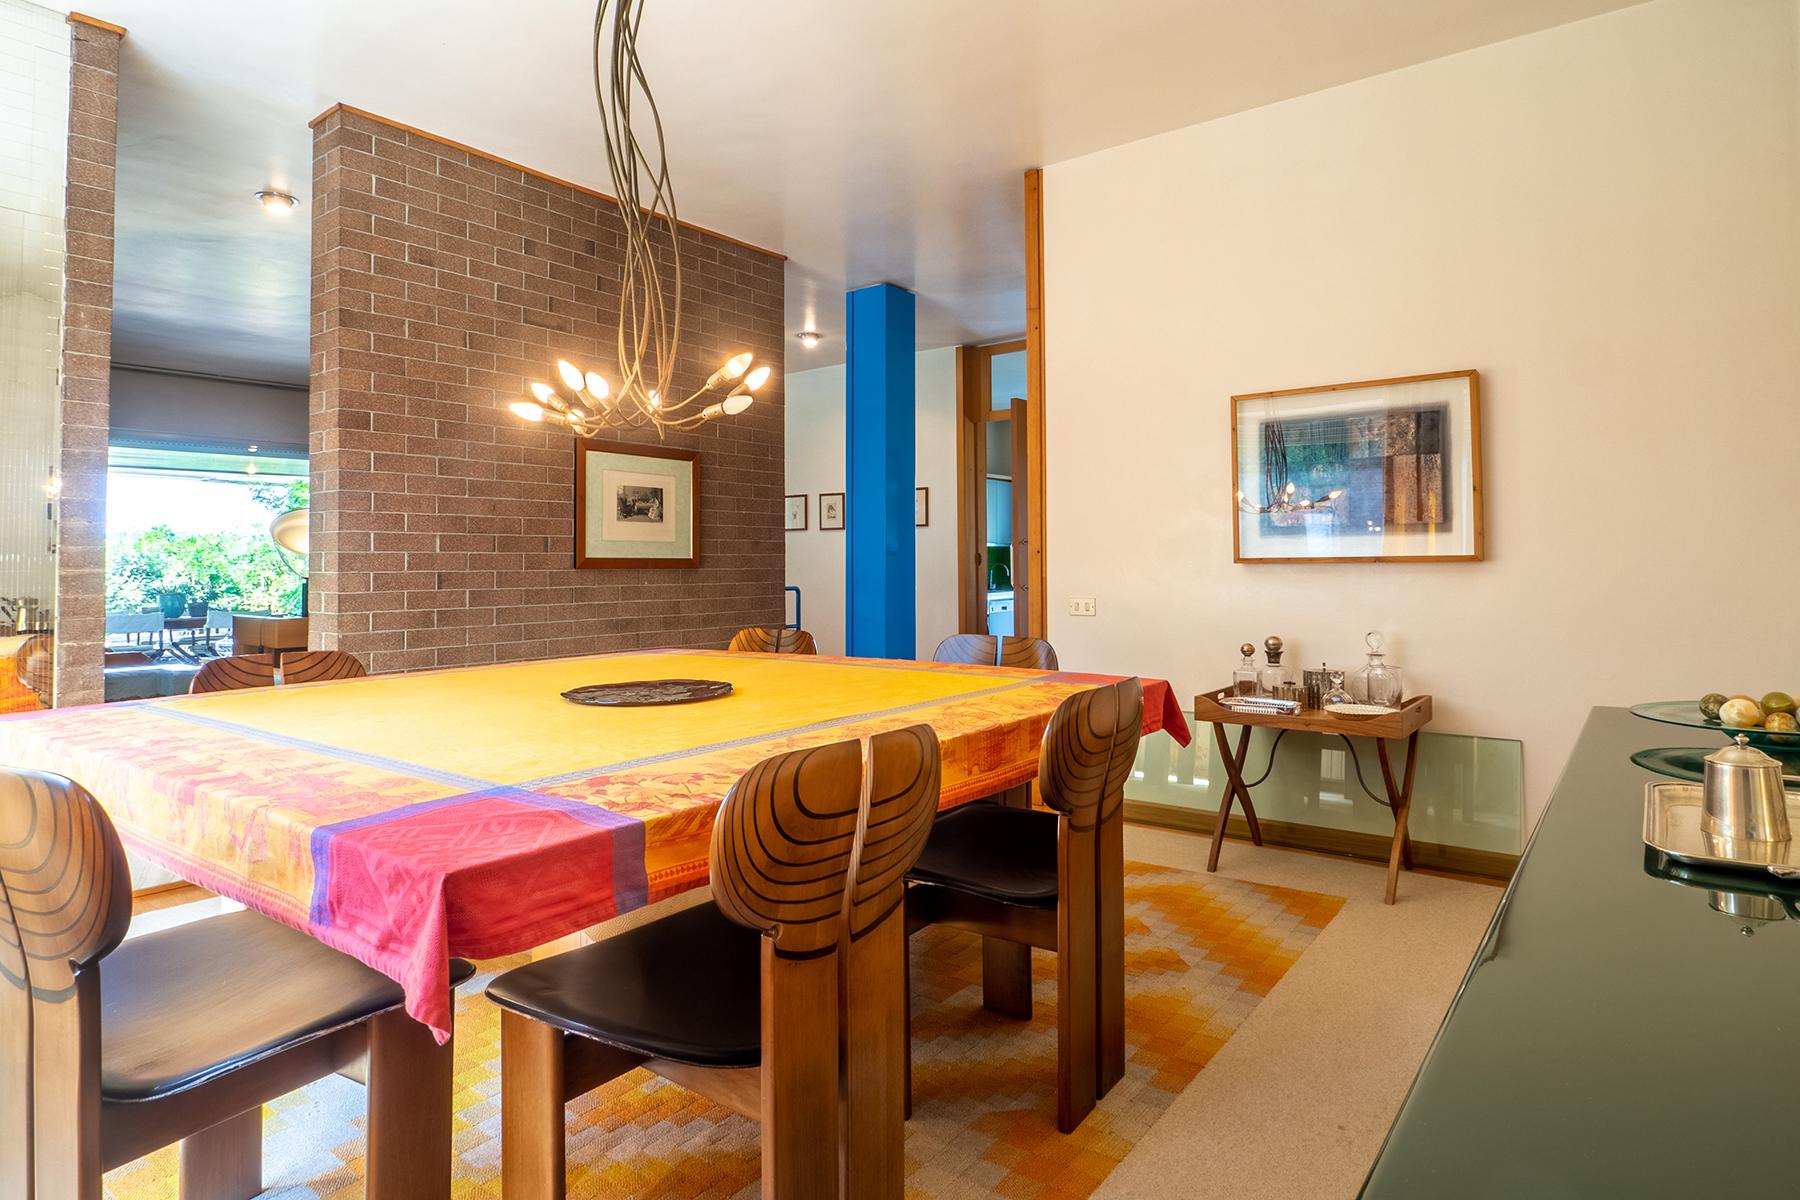 Casa indipendente in Vendita a Rosignano Monferrato: 5 locali, 290 mq - Foto 17